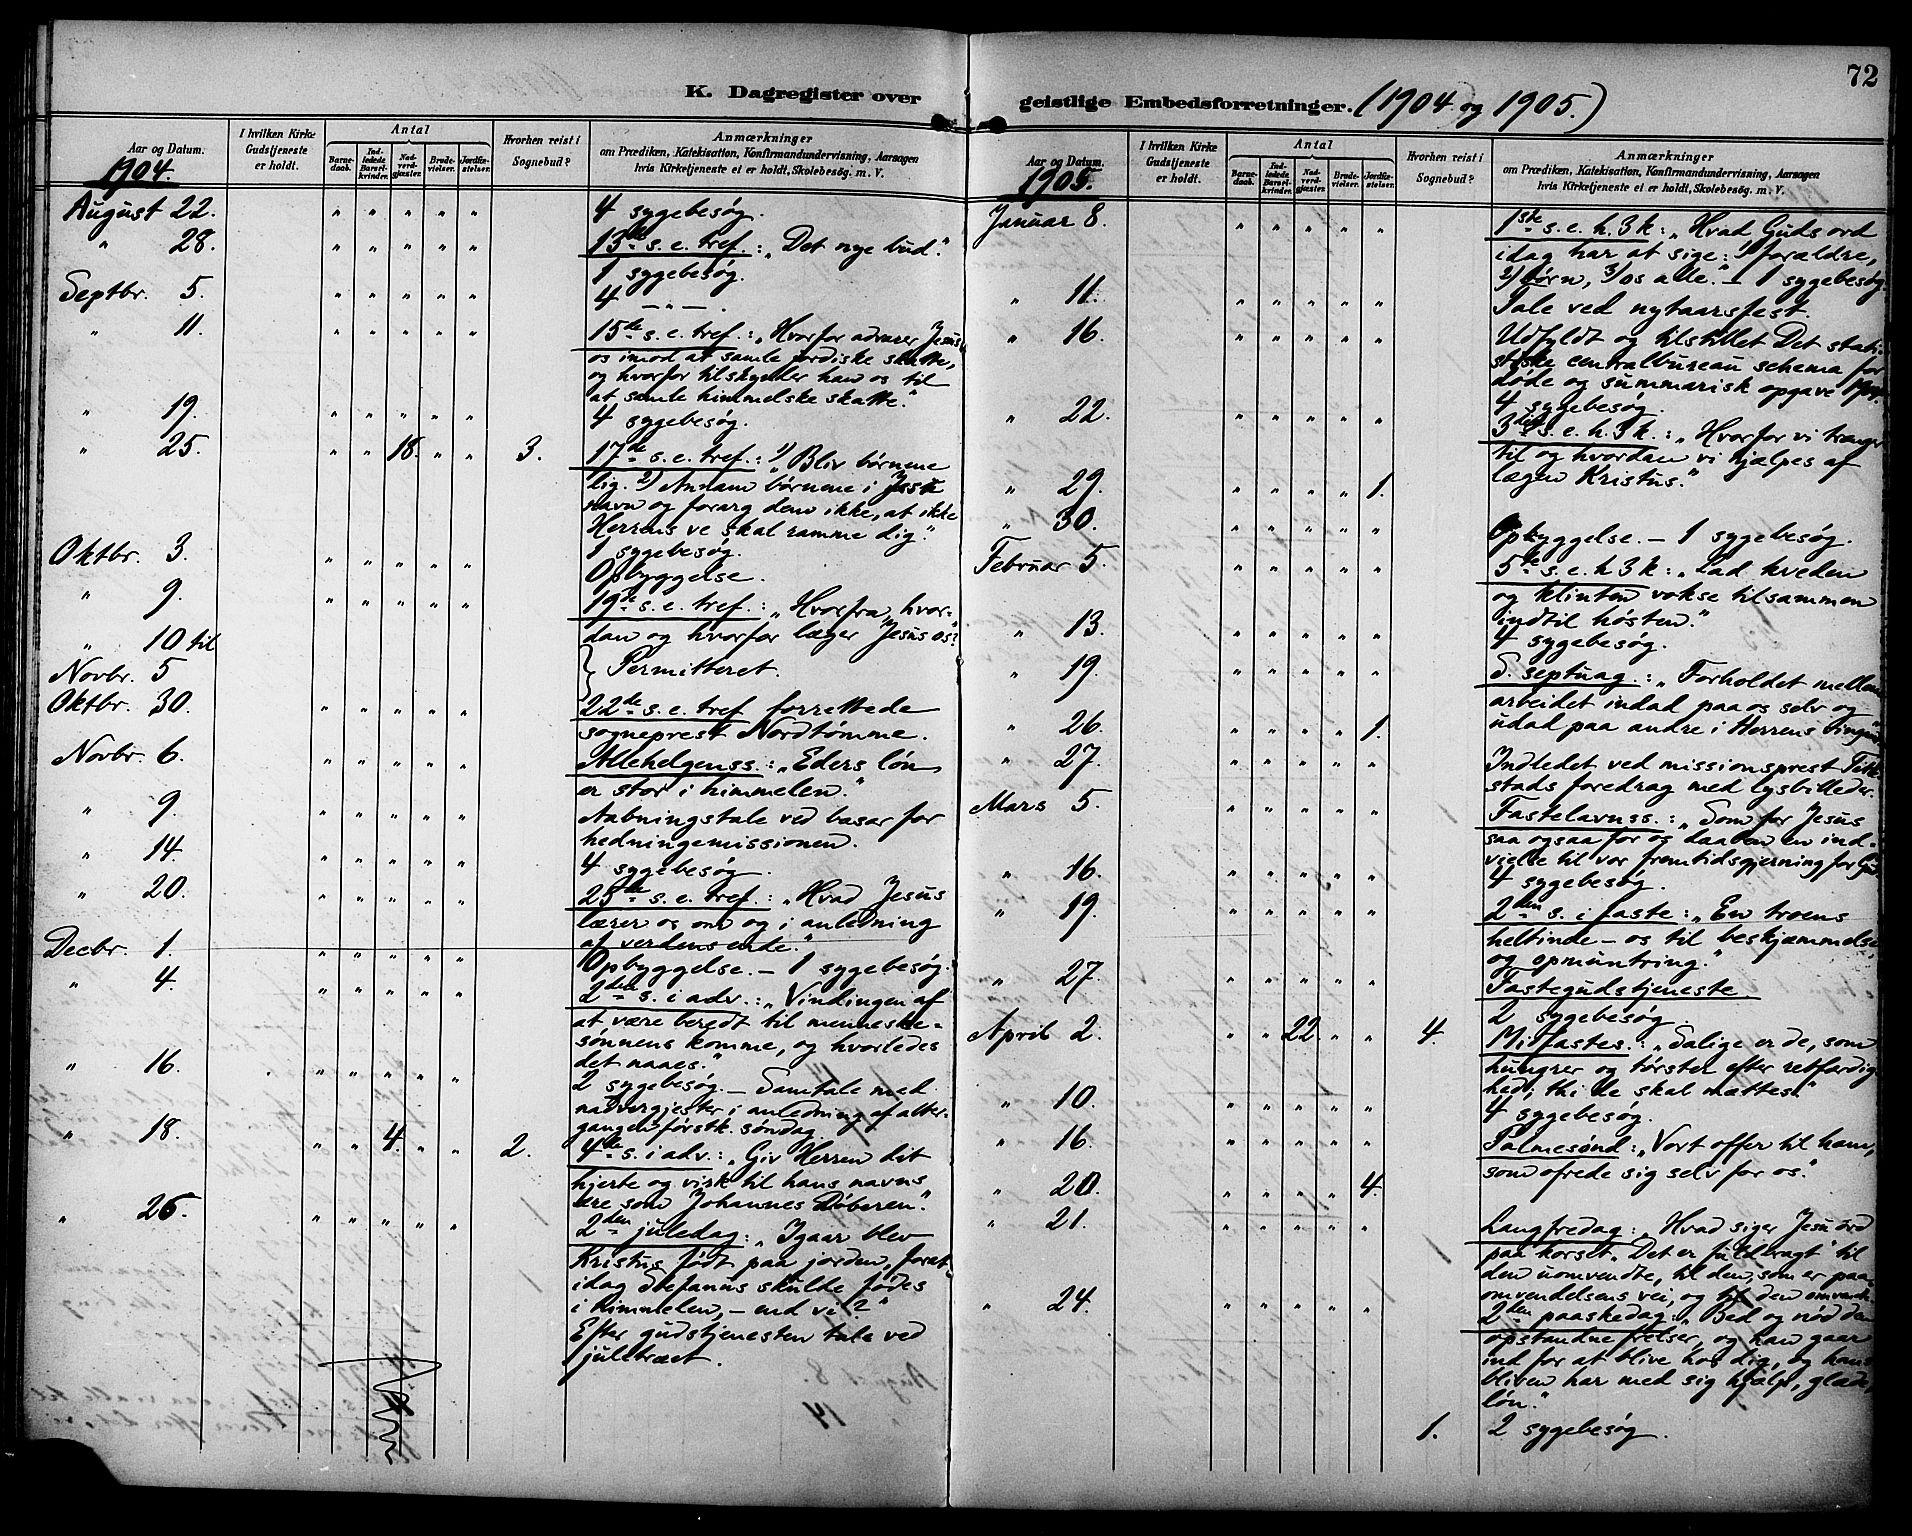 SAT, Ministerialprotokoller, klokkerbøker og fødselsregistre - Sør-Trøndelag, 629/L0486: Ministerialbok nr. 629A02, 1894-1919, s. 72